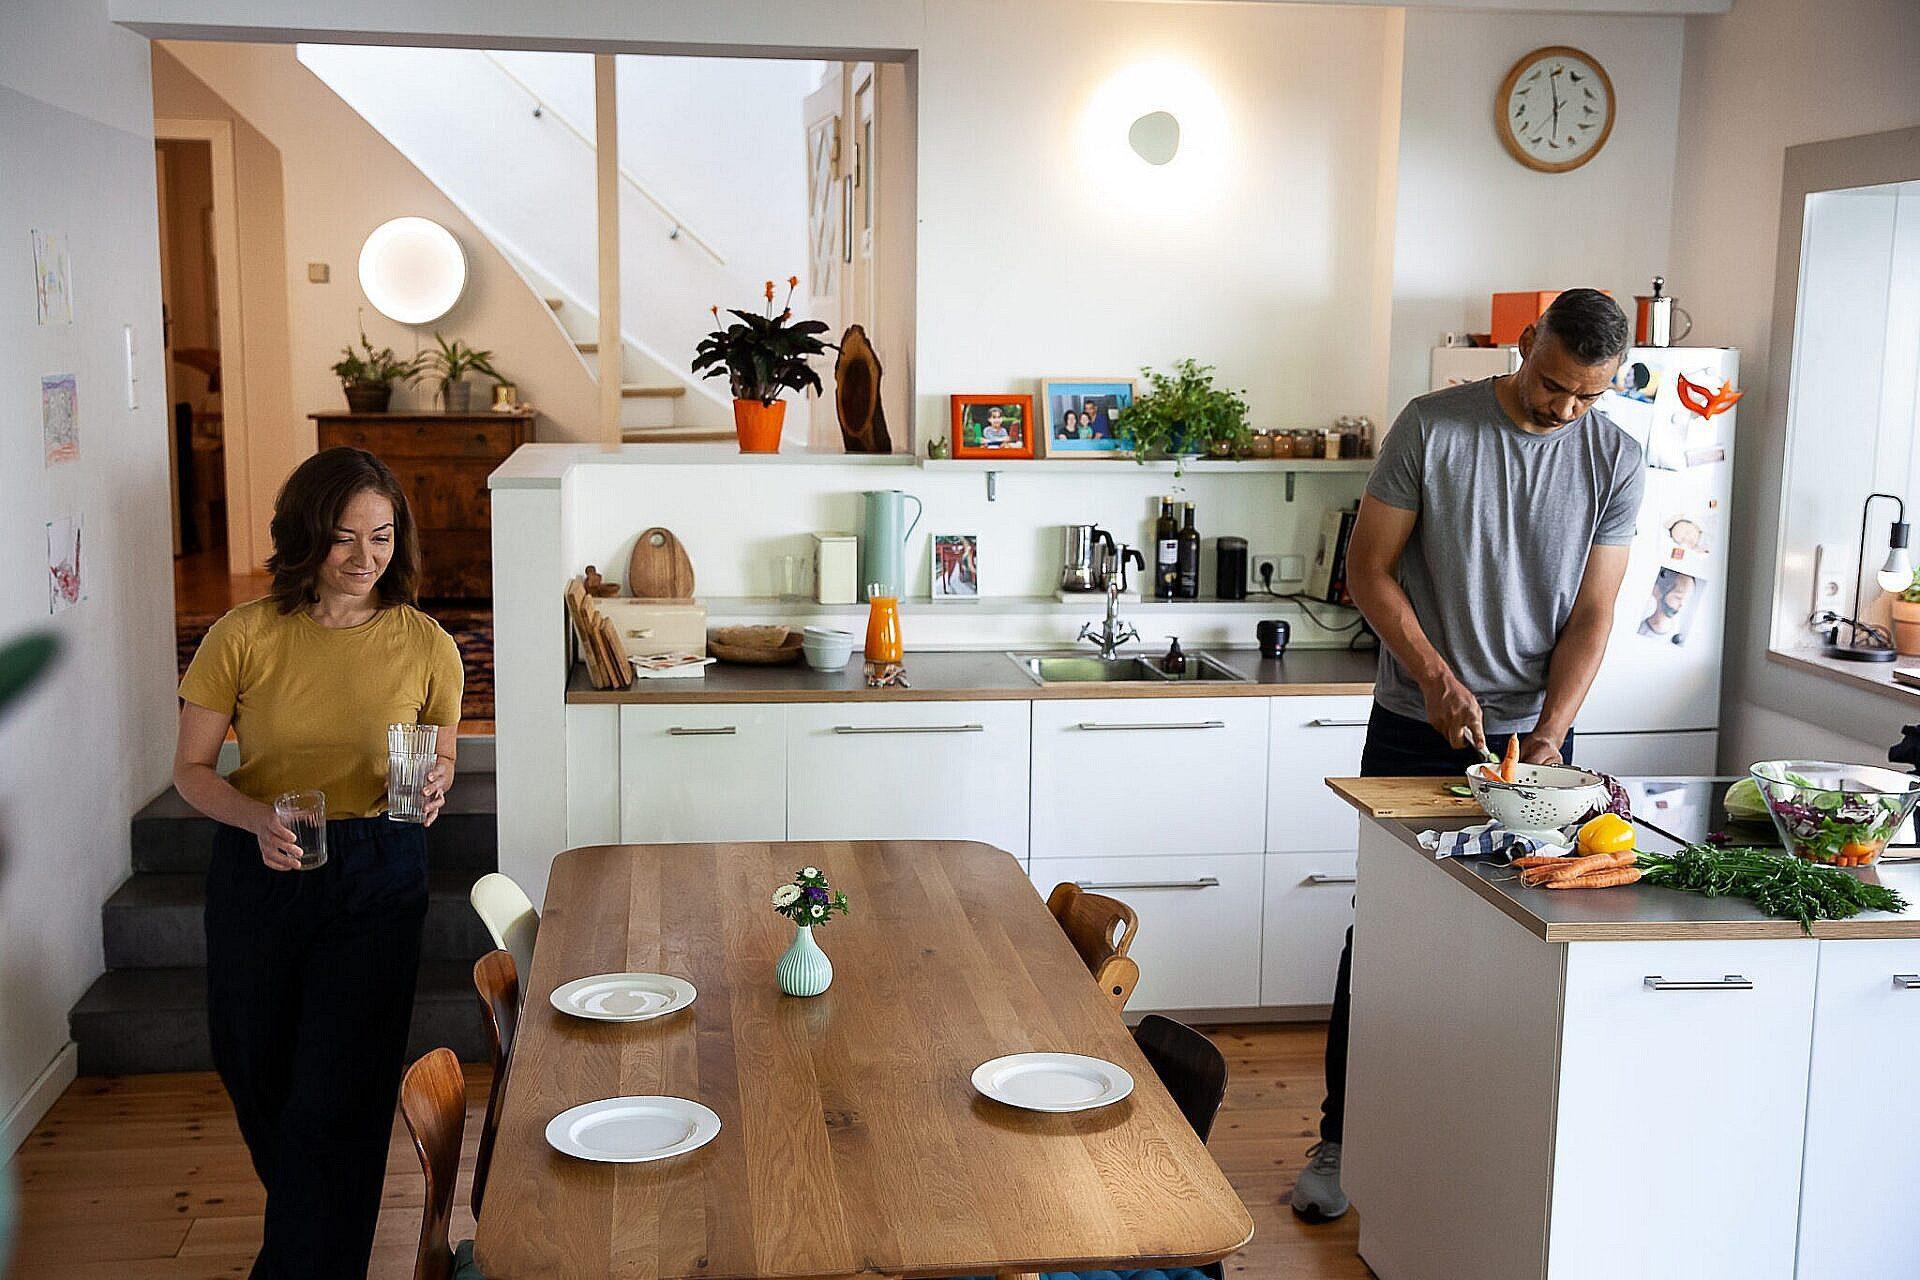 Smartbelysning Køkken